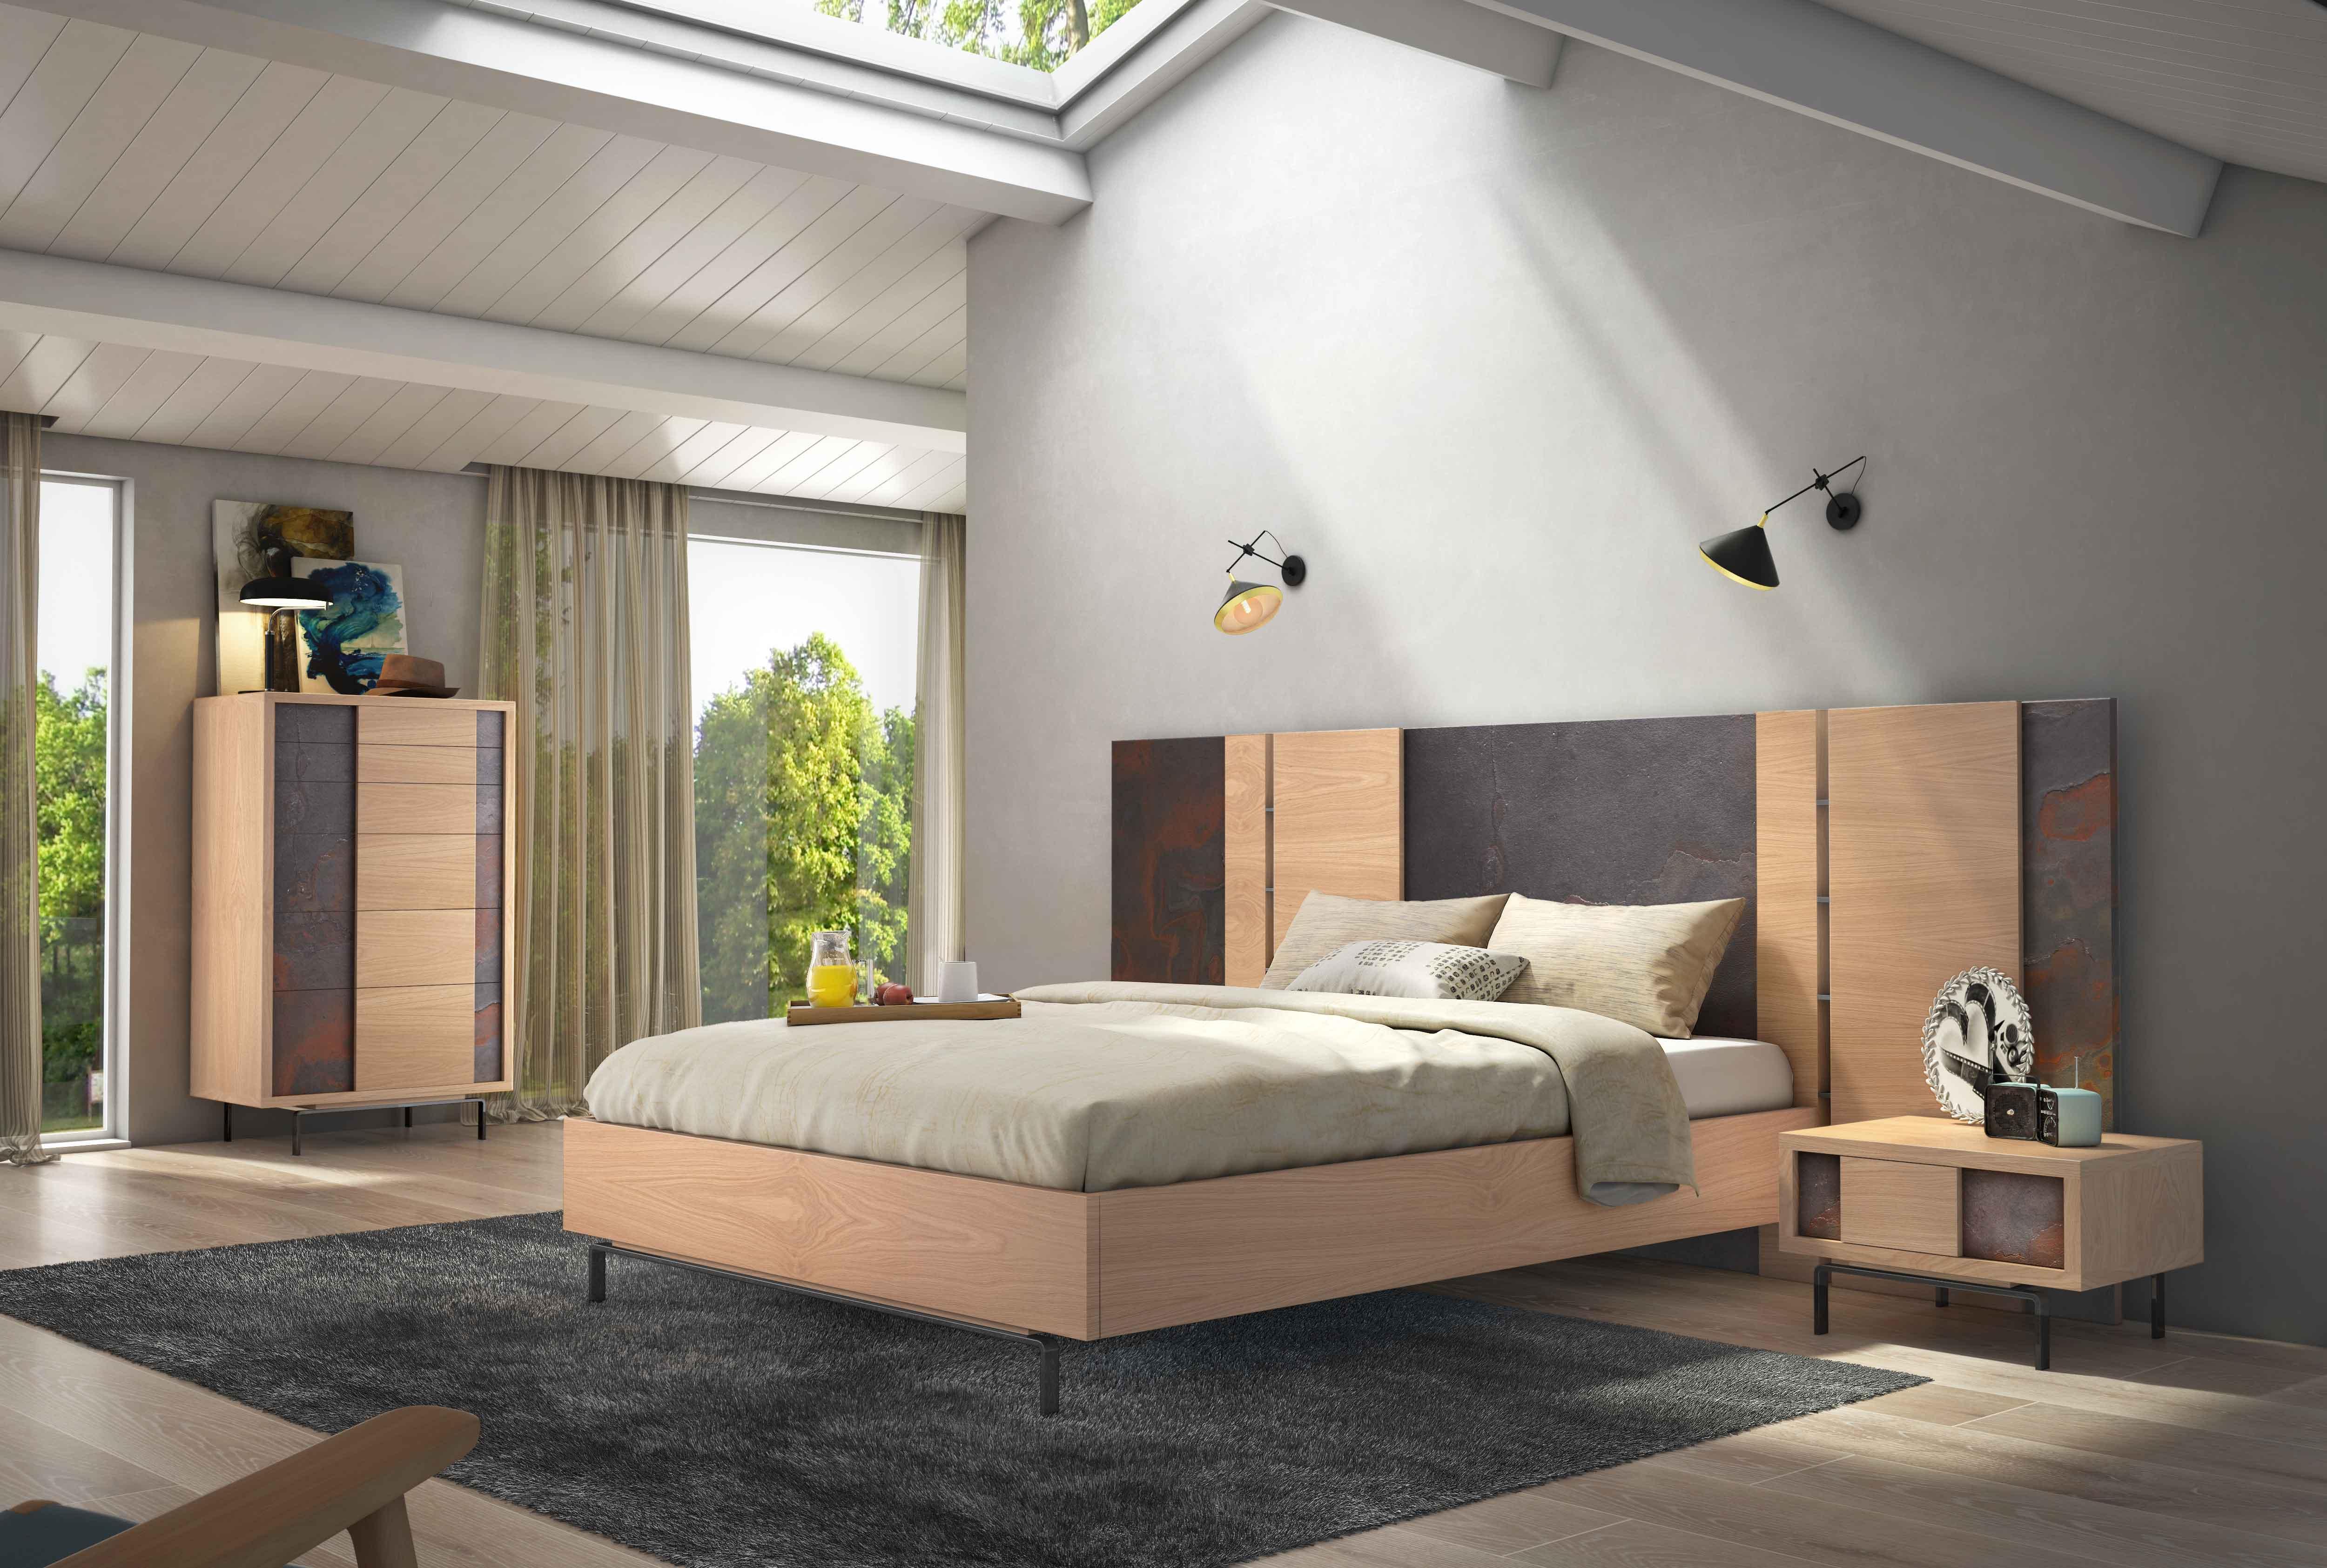 Dormitorio industrial de madera hierro y piedra